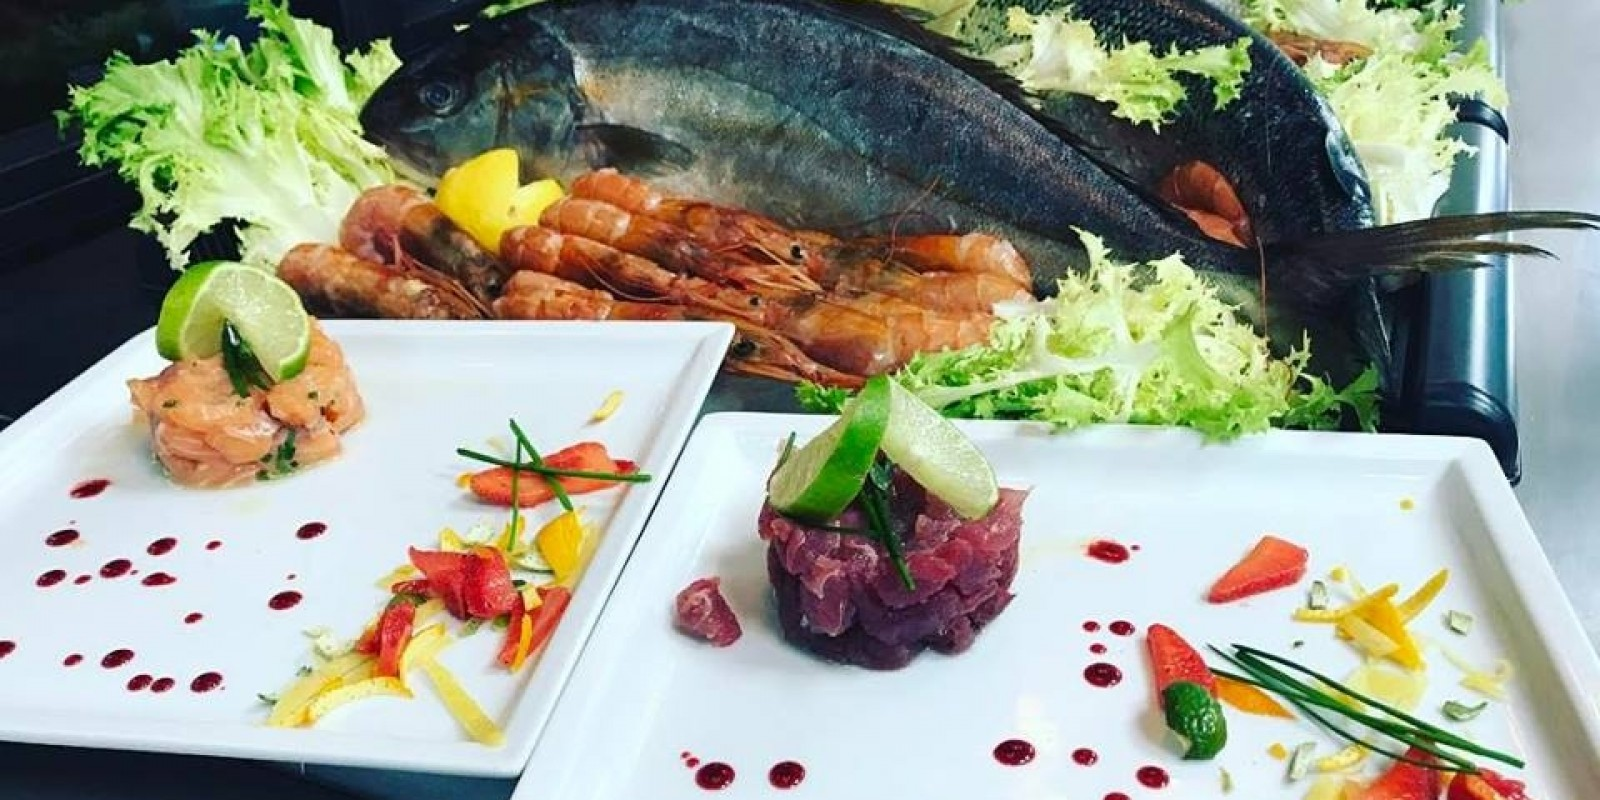 Mangiare Pesce Crudo A Milano Ecco I Ristoranti Dove Andare Sul Sicuro